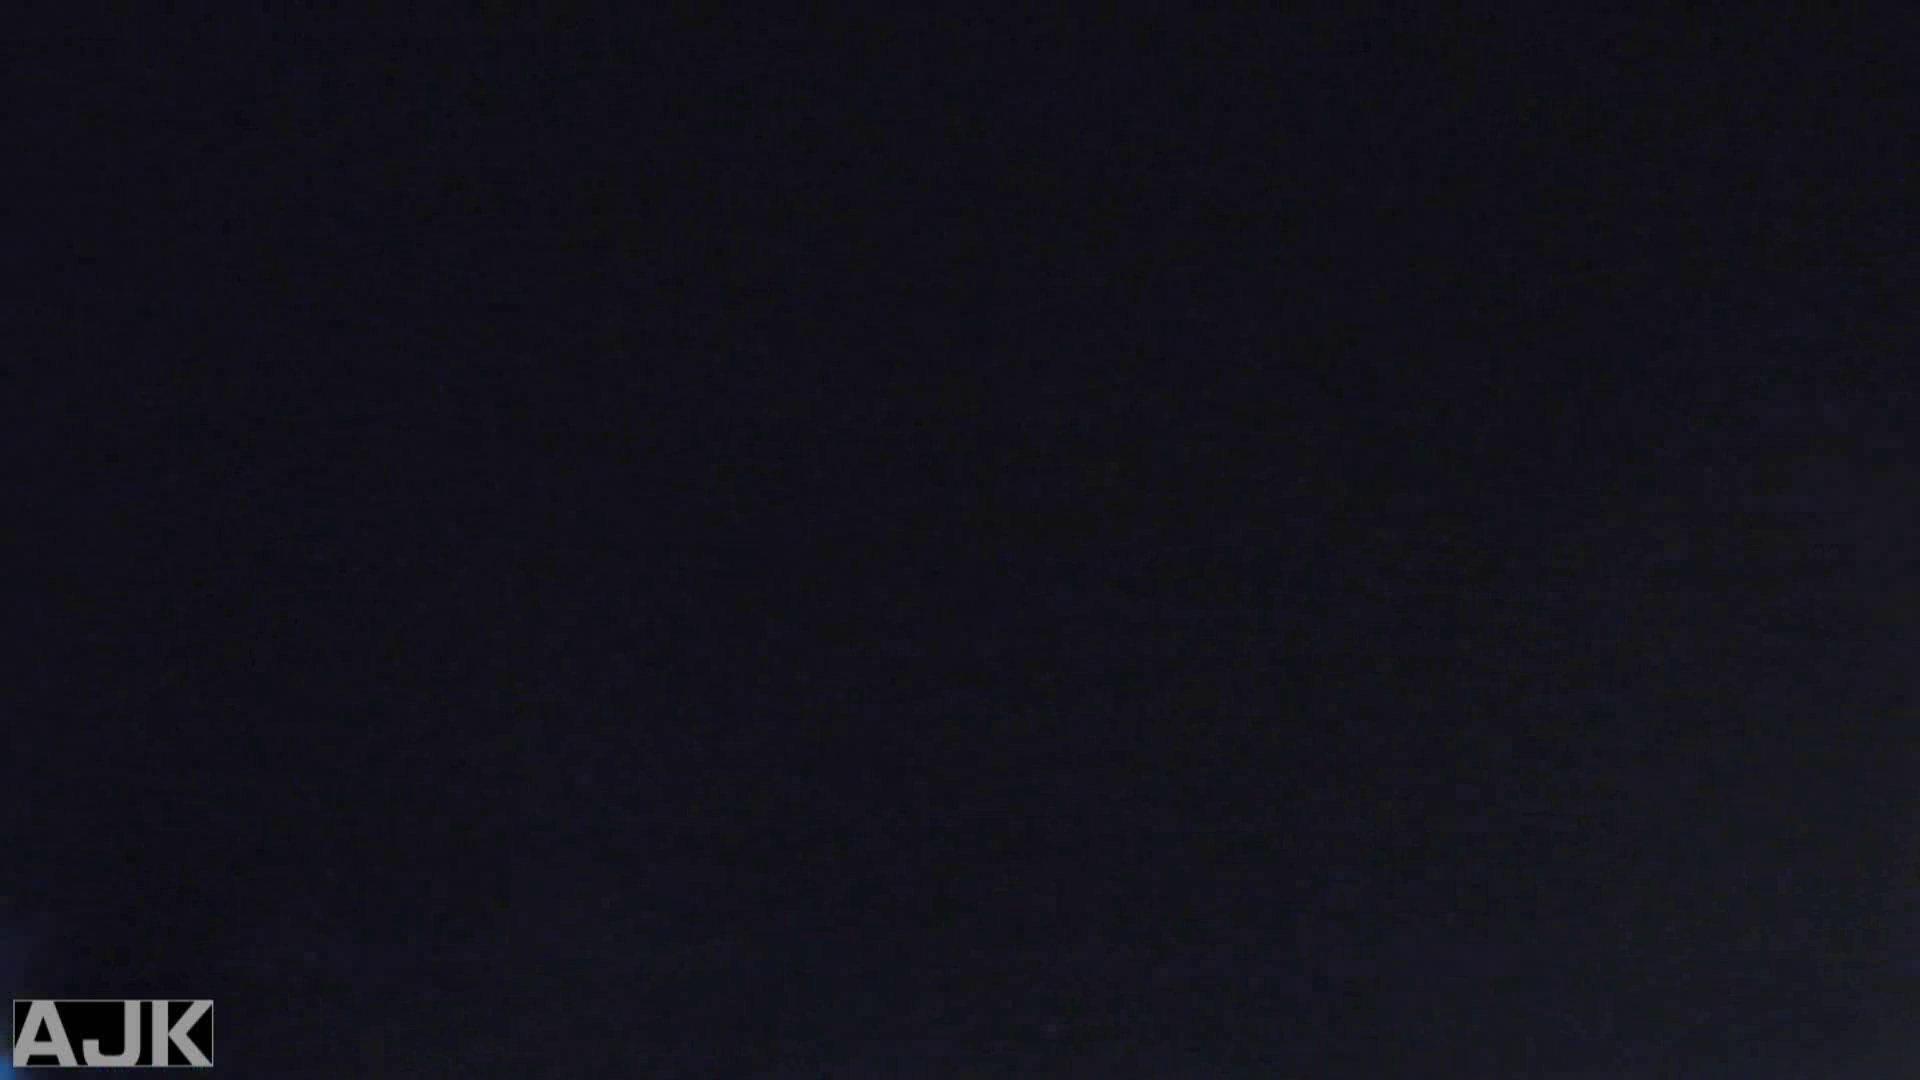 神降臨!史上最強の潜入かわや! vol.22 マンコ 盗み撮り動画キャプチャ 98連発 88